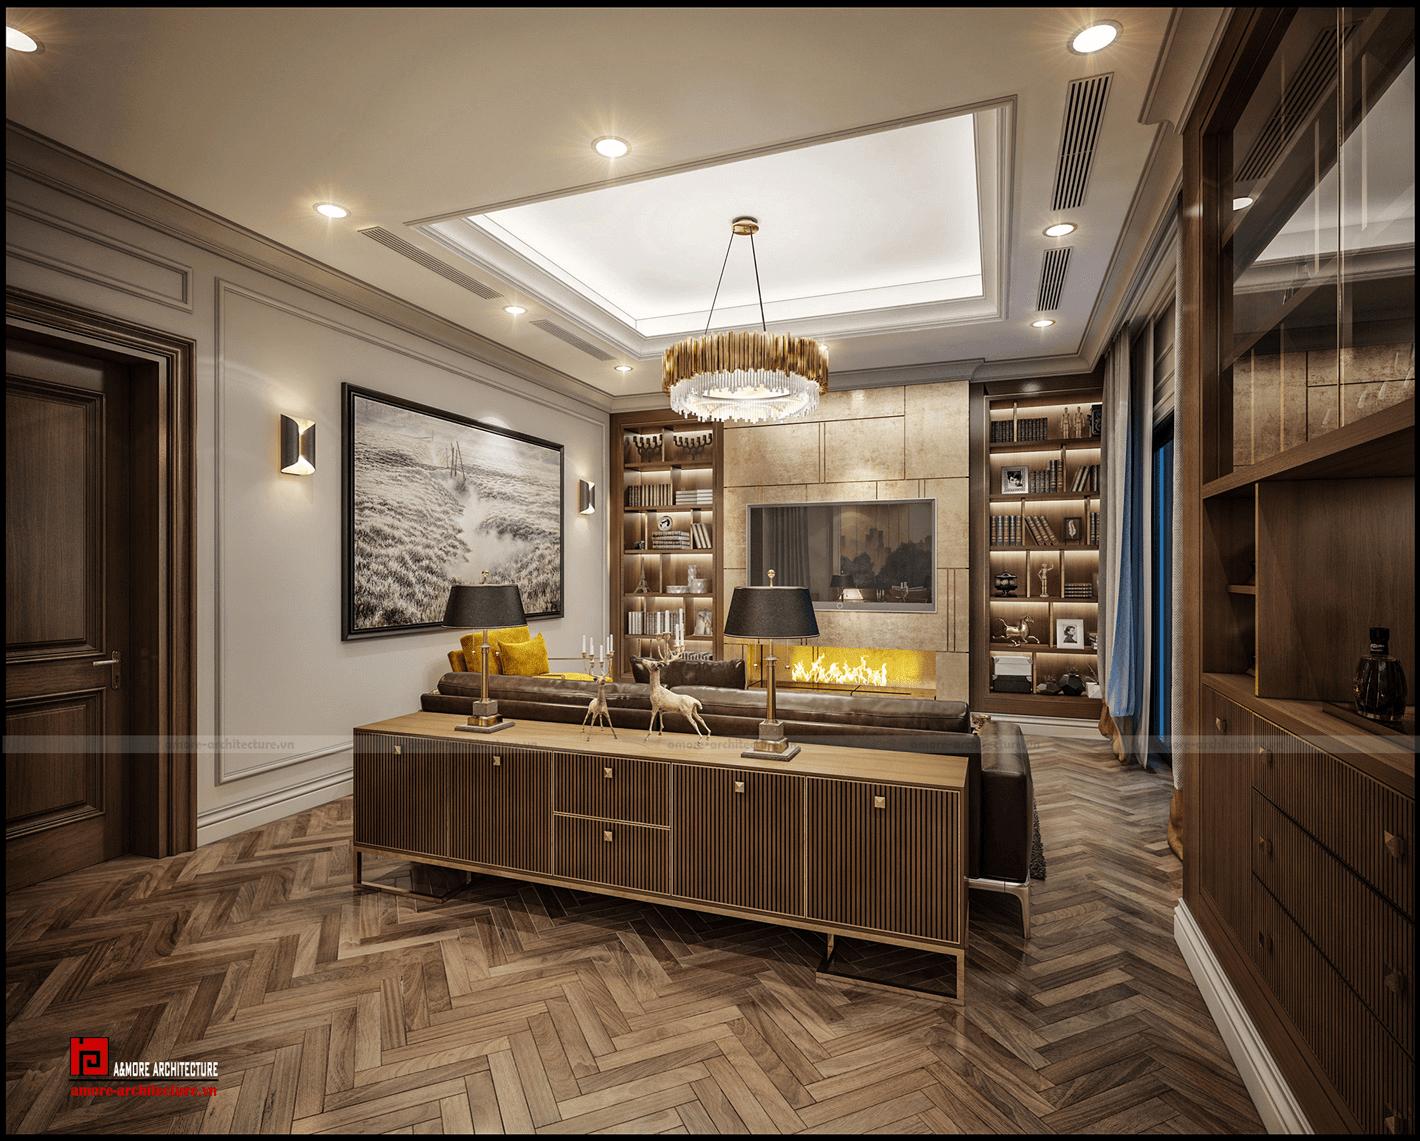 thiết kế nội thất chung cư giá rẻ đẹp, hiện đại